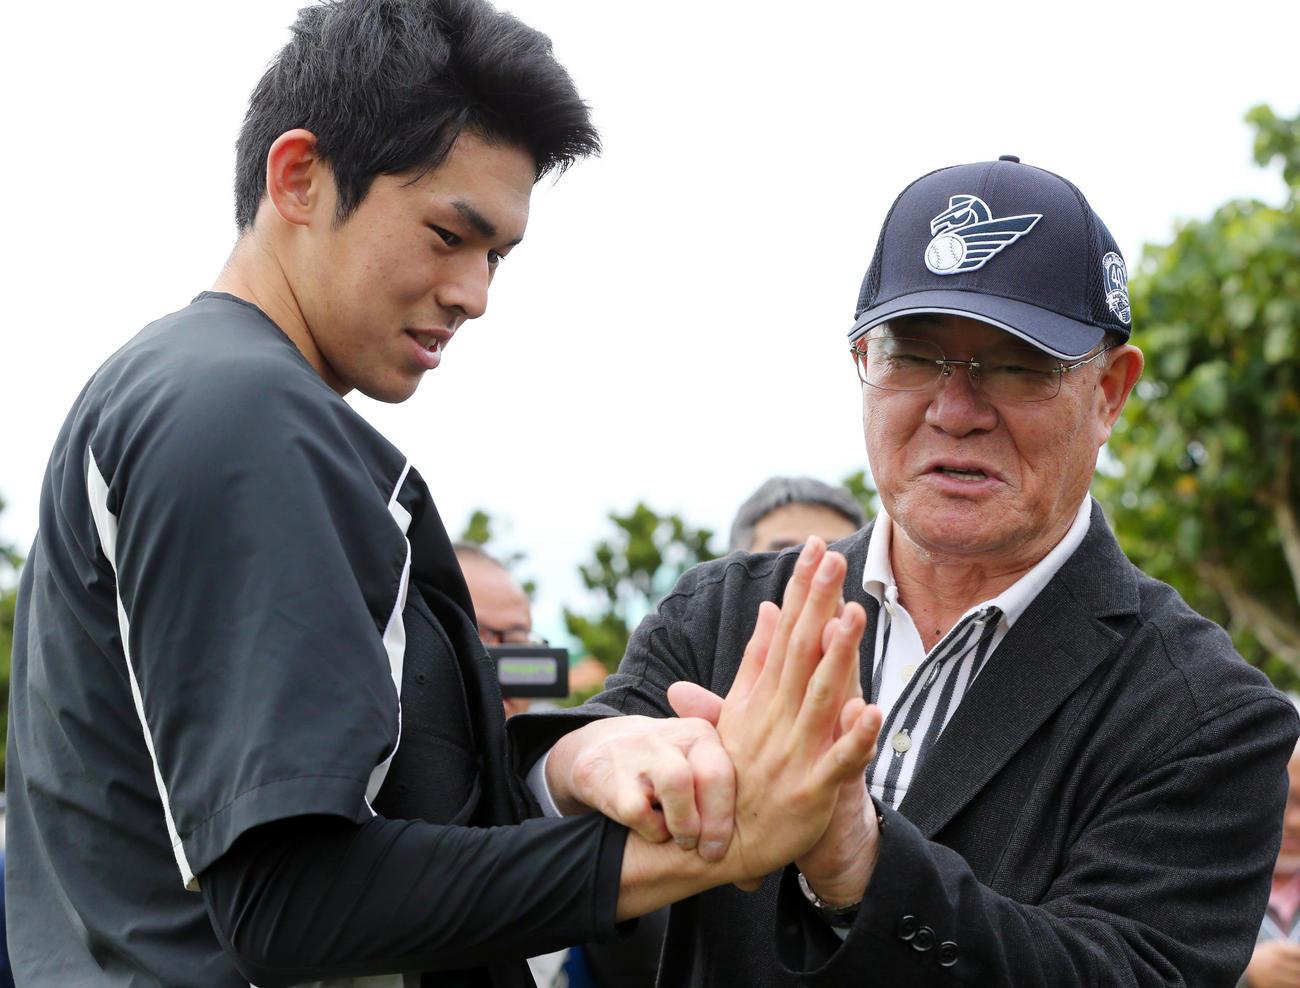 2月19日の練習中、ロッテ佐々木朗(左)は張本氏と手を合わせながら言葉を交わす(撮影・垰建太)